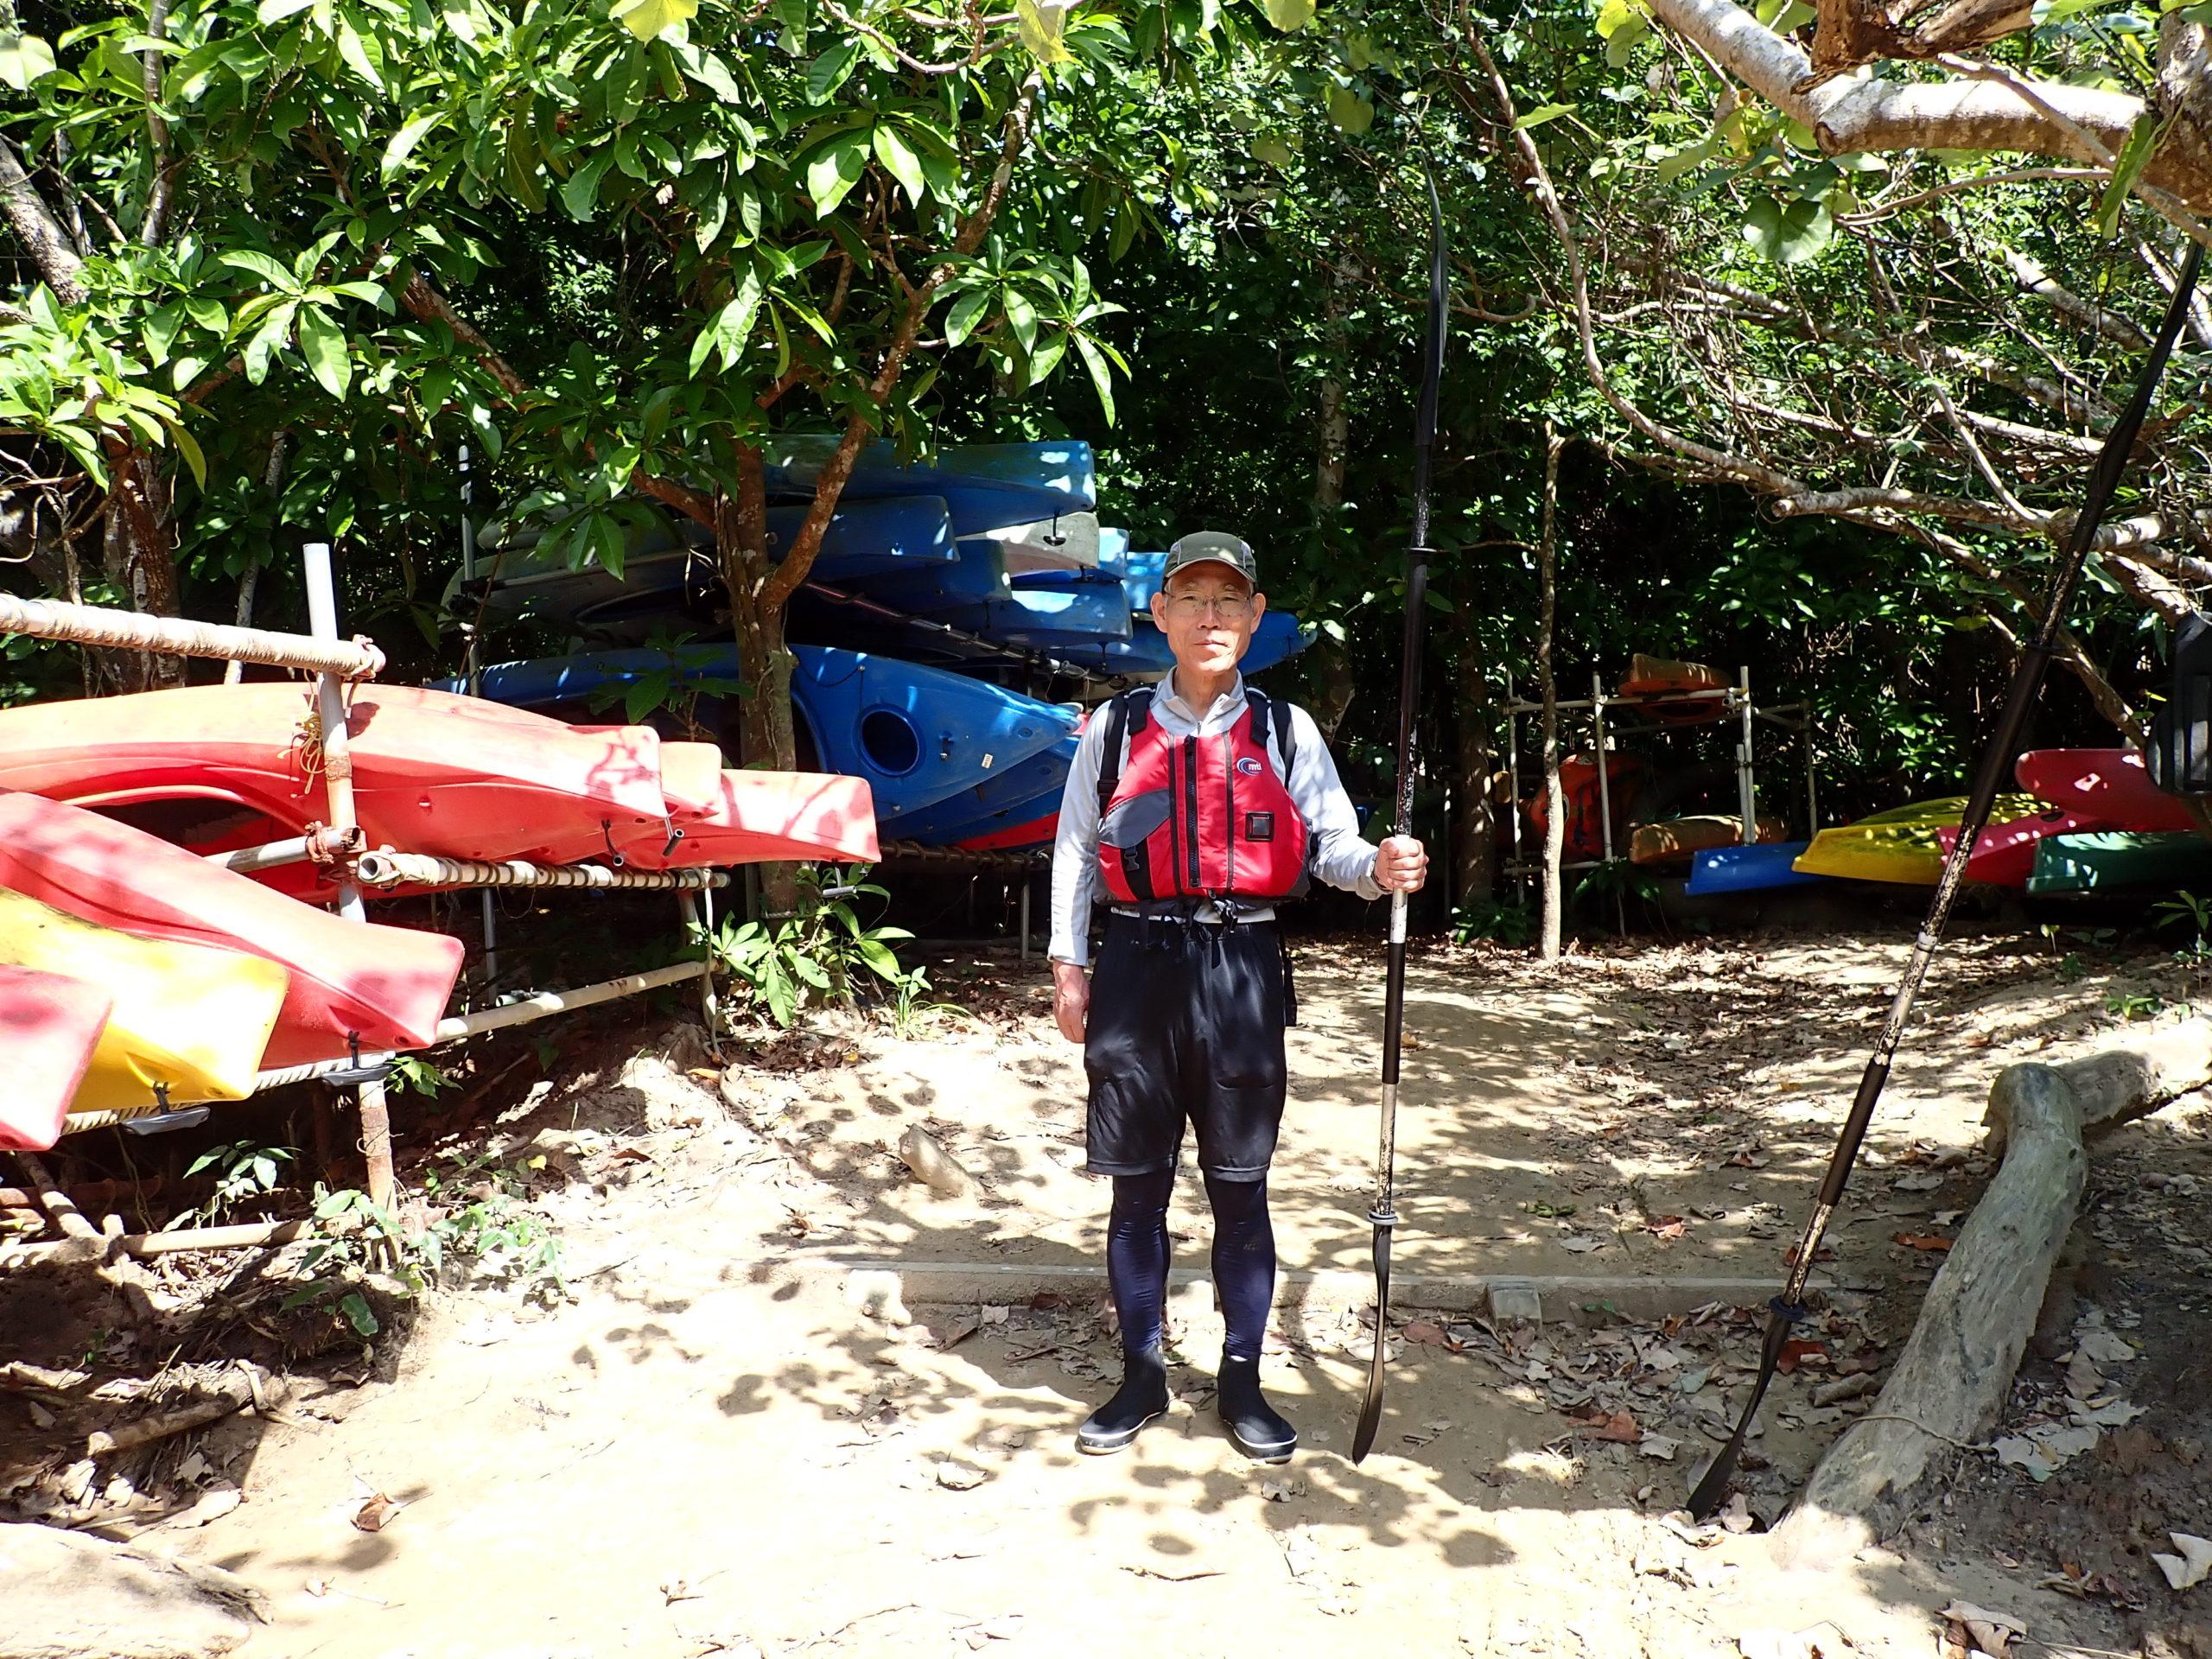 ハイパーお父さんと行く 西表島ピナイサーラの滝カヌーツアー